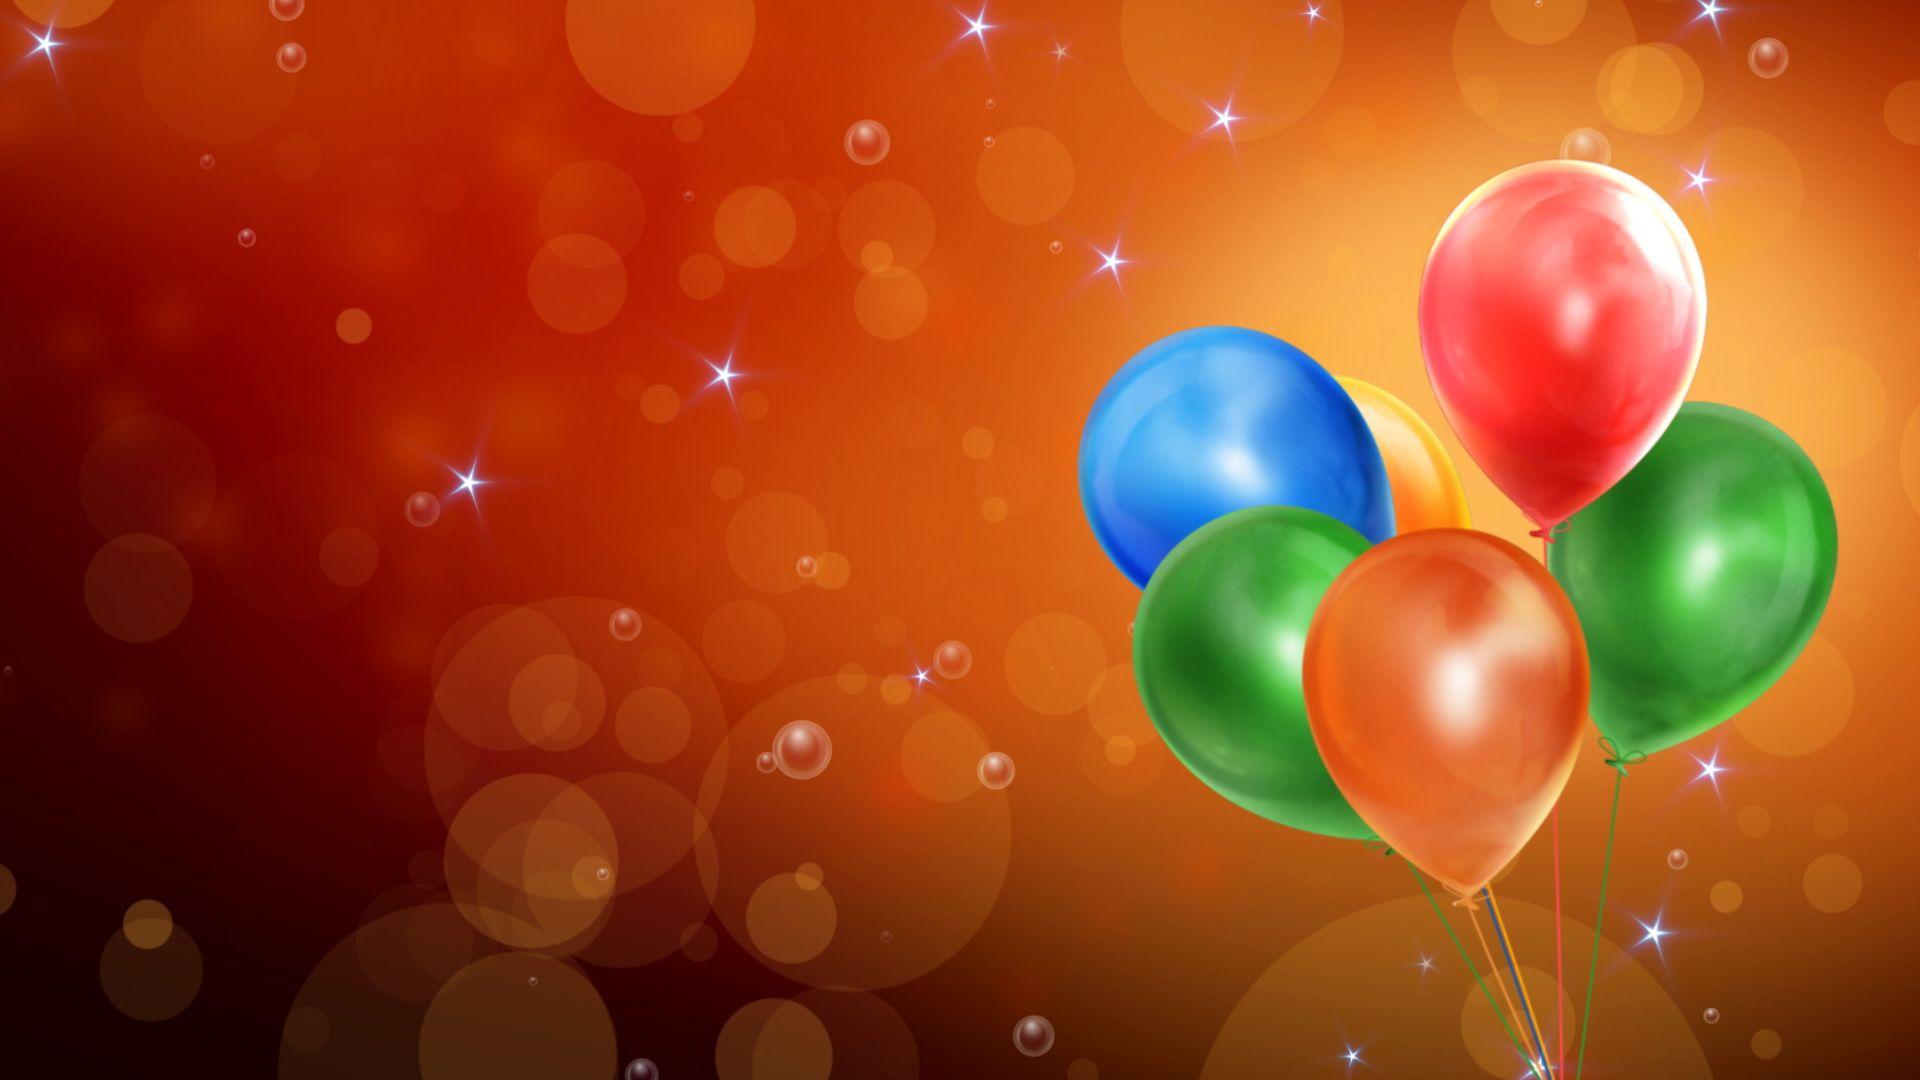 фоновые картинки для презентации день рождения так